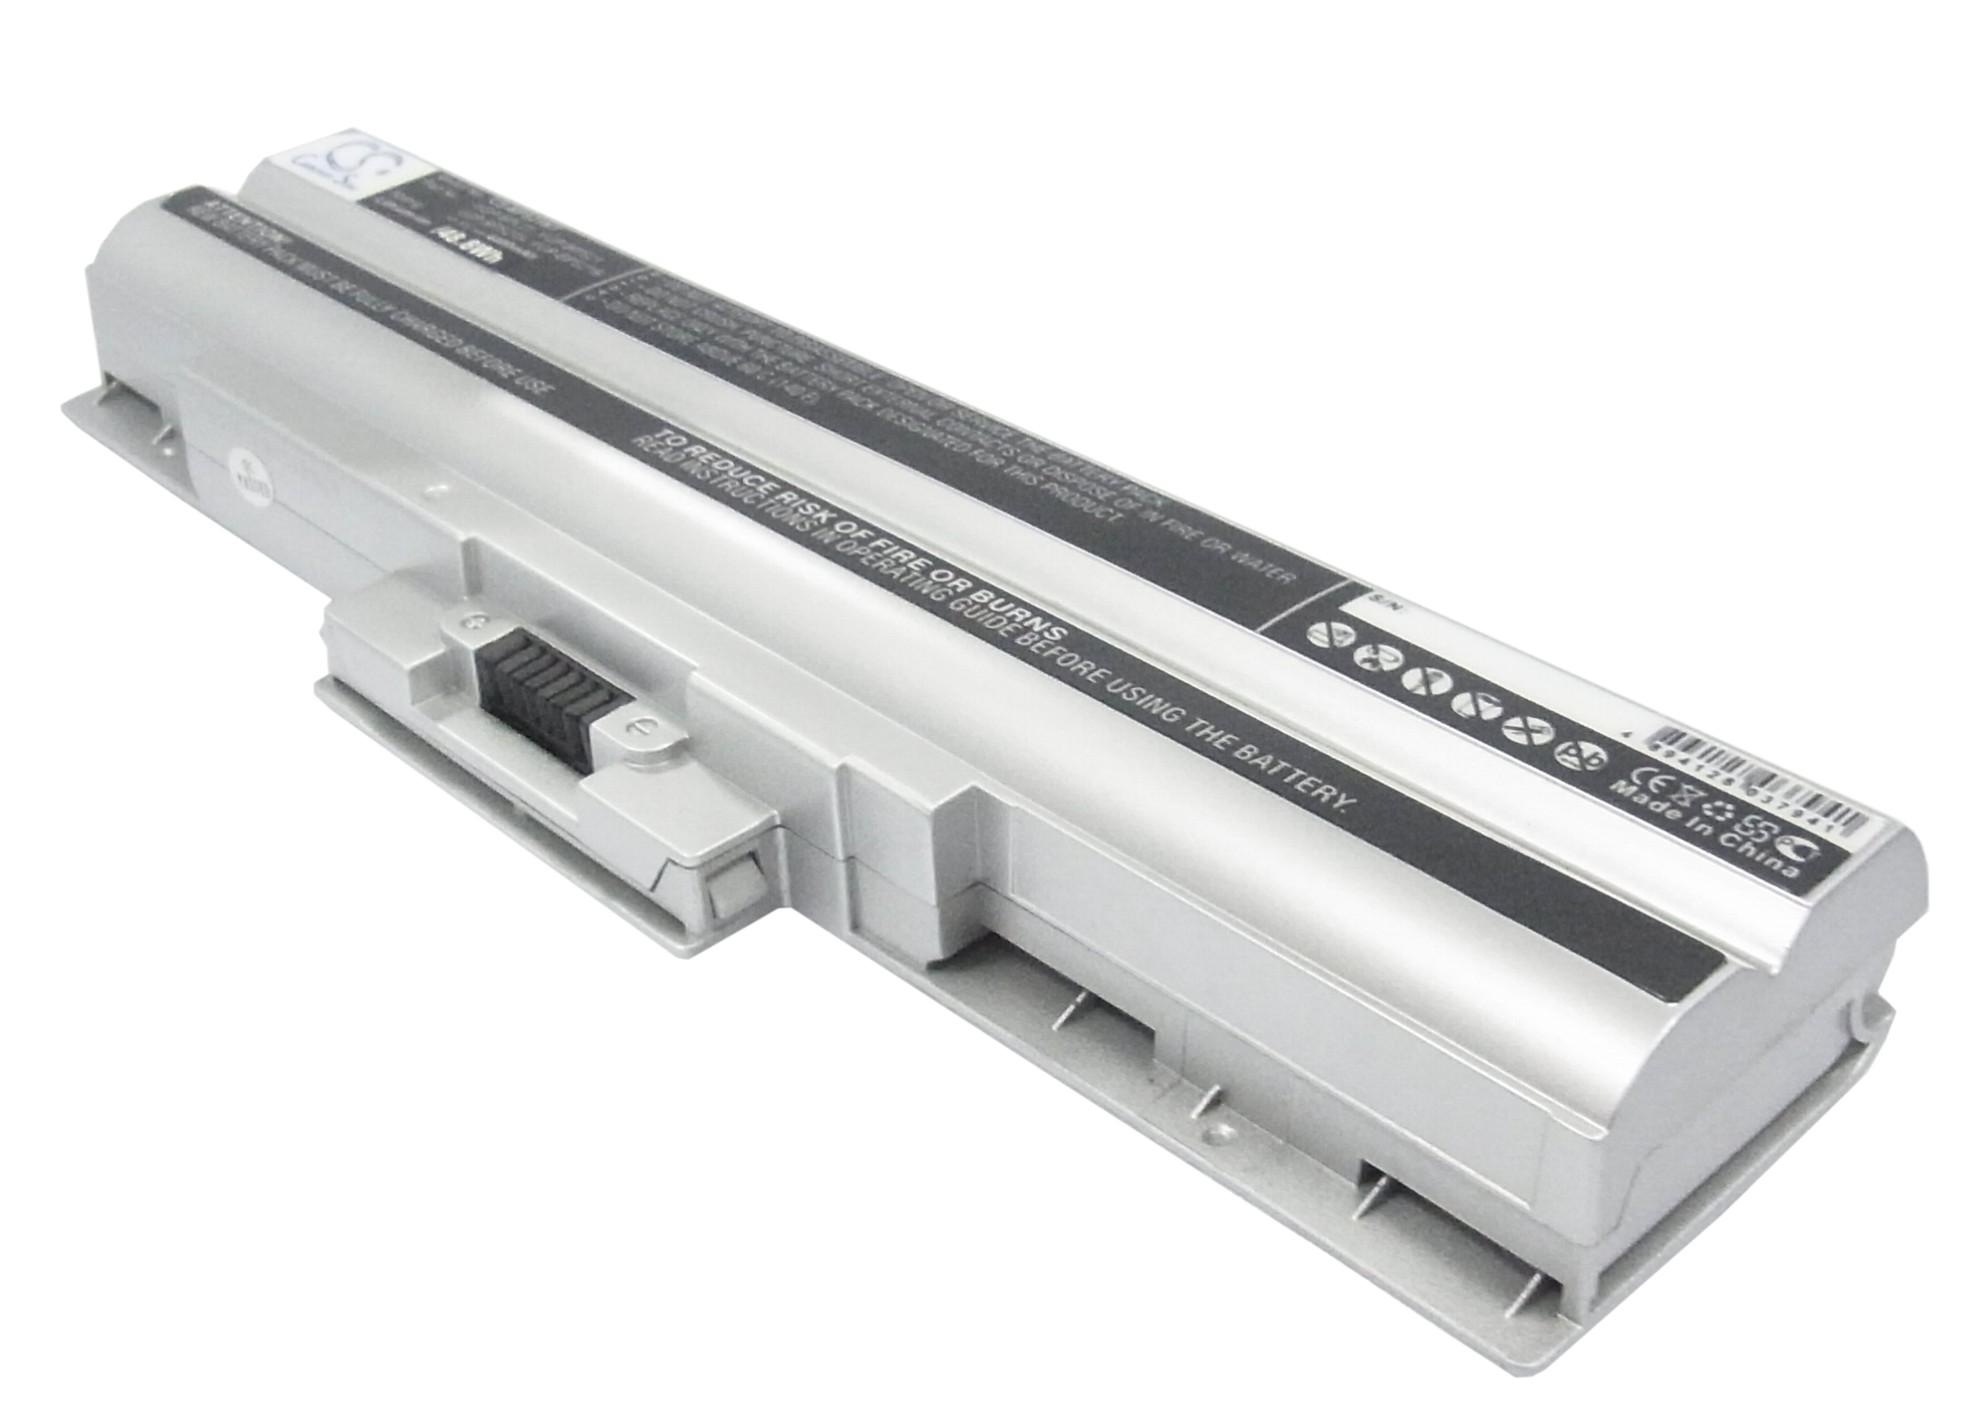 Cameron Sino baterie do notebooků pro SONY VAIO VGN-AW37GY/HE1 11.1V Li-ion 4400mAh stříbrná - neoriginální